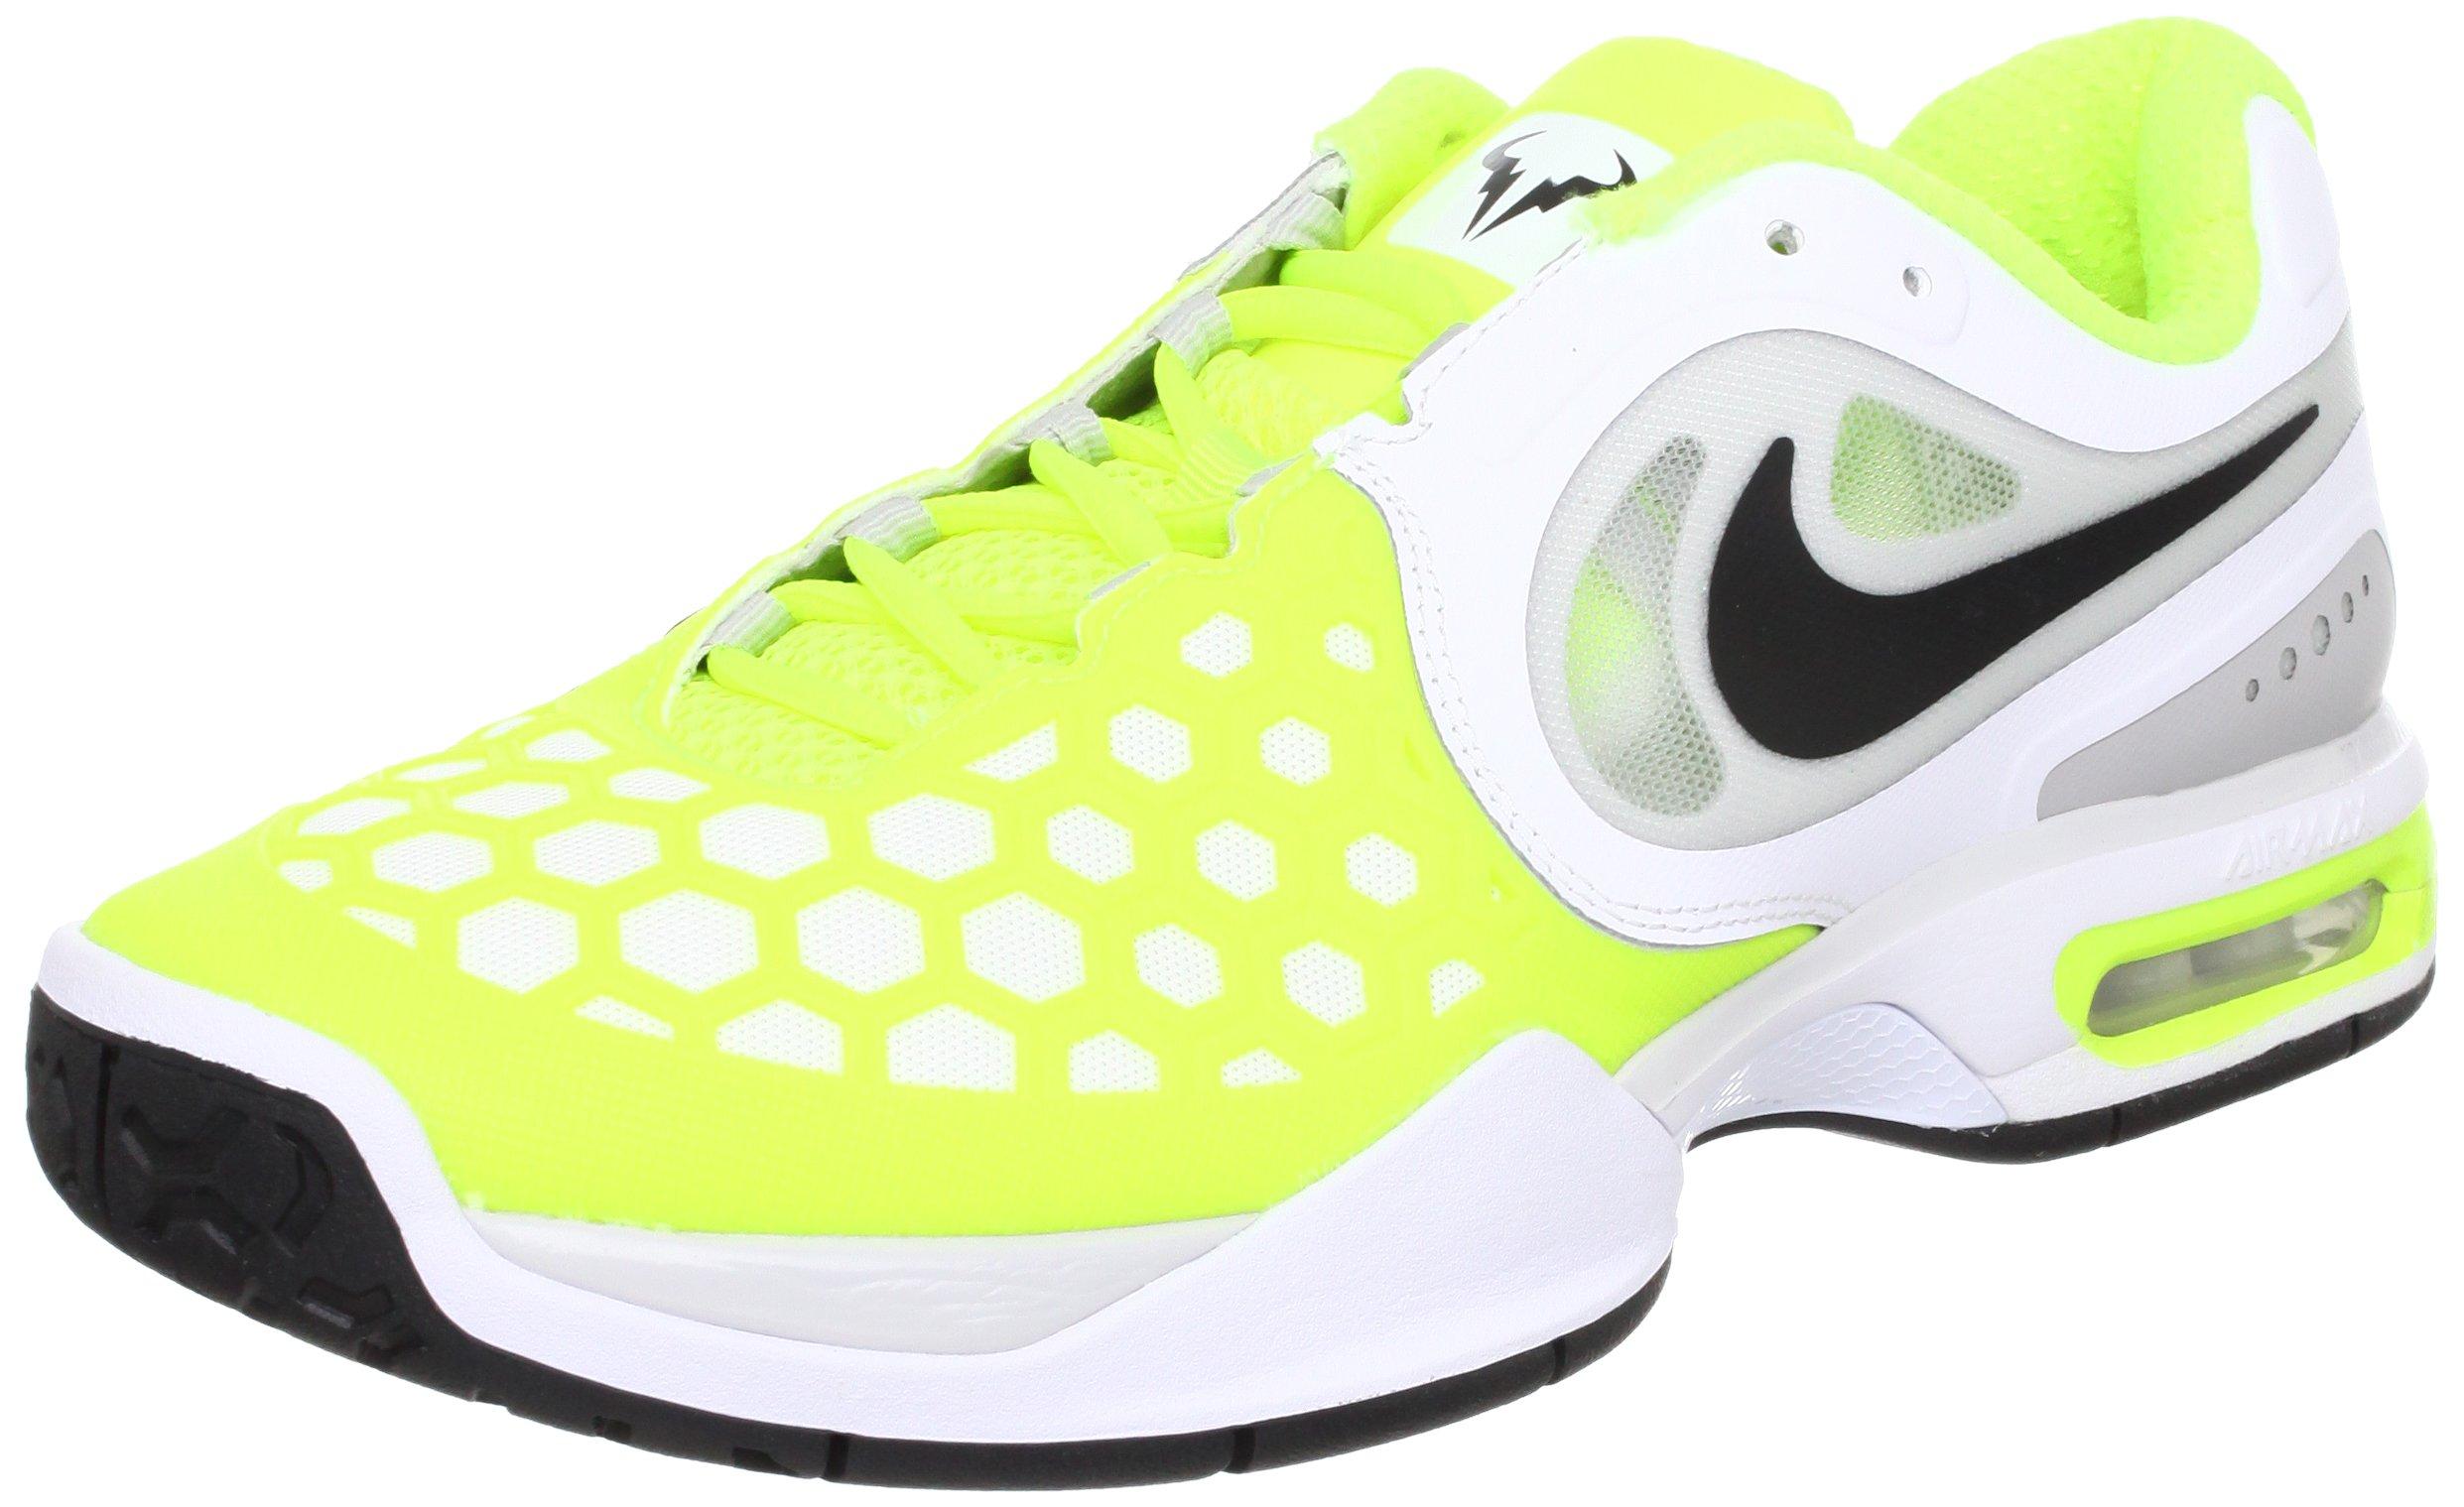 los angeles 5cc4a 7d2d0 Galleon - Nike Air Max Court Ballistec 4.3 Tennis Shoes - 7 - White